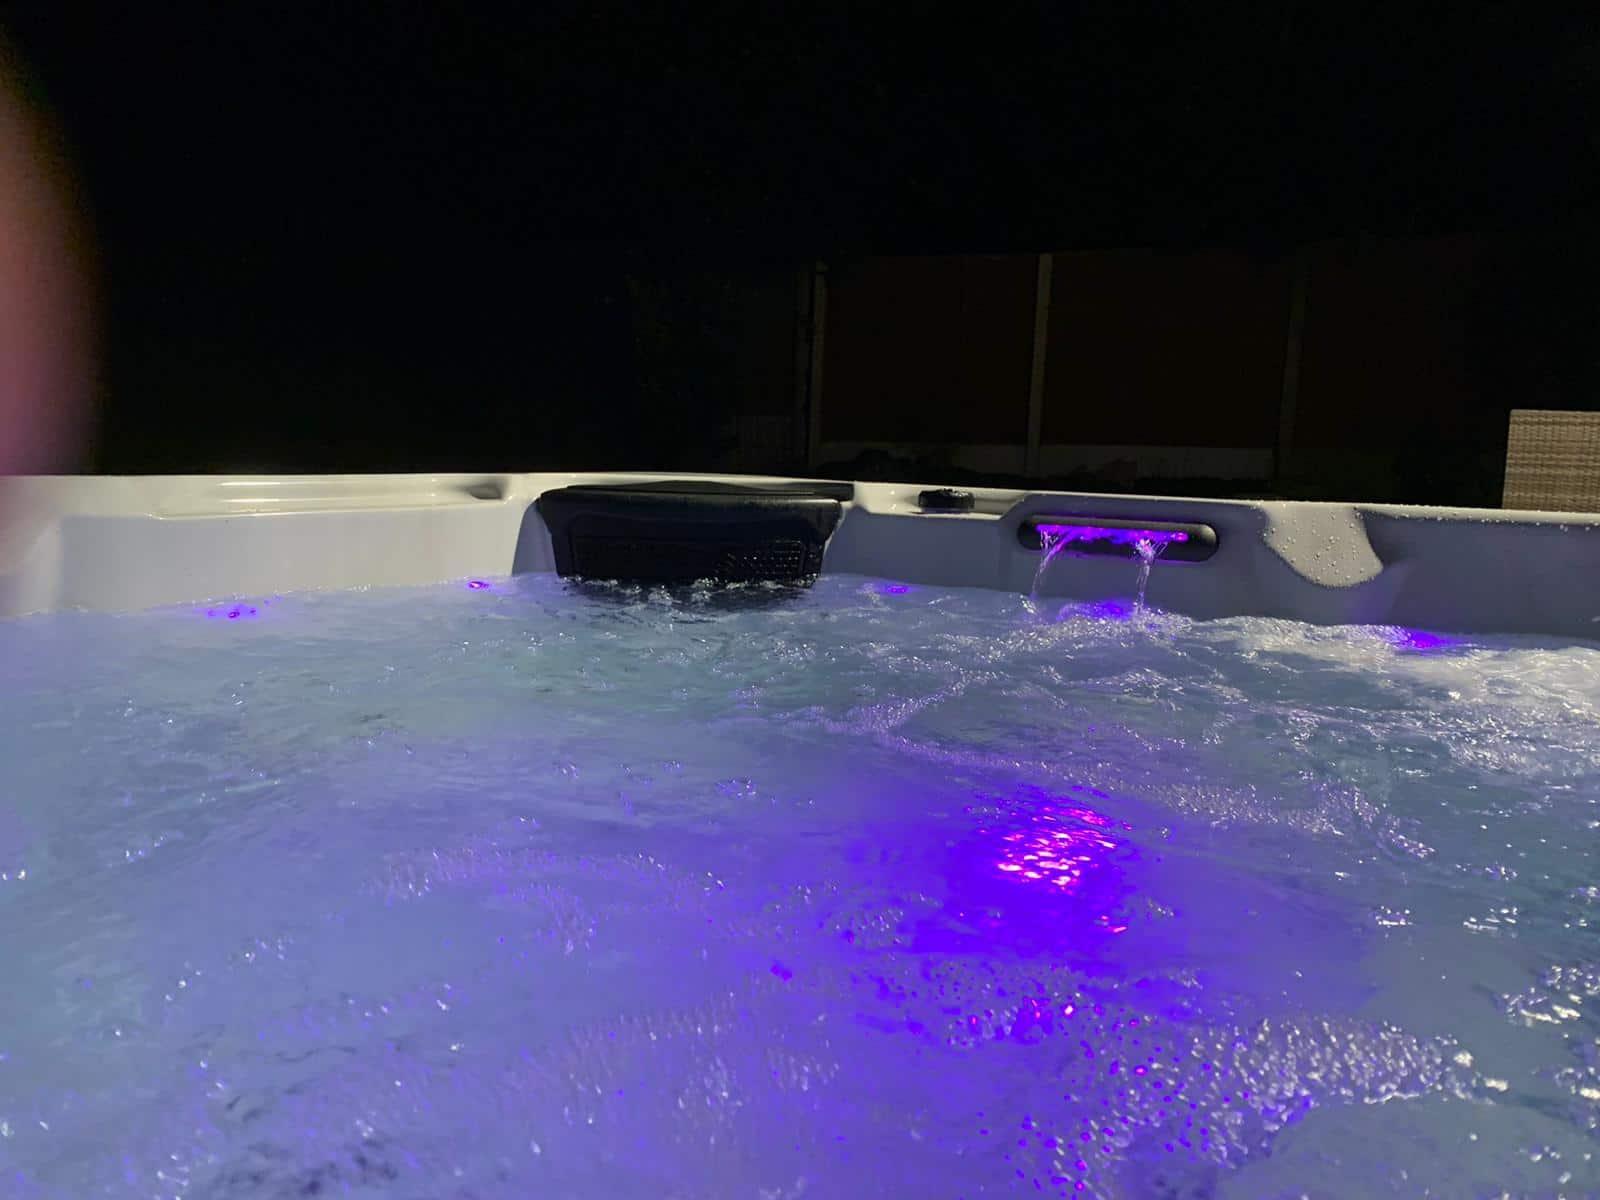 Trident Elite hot tub